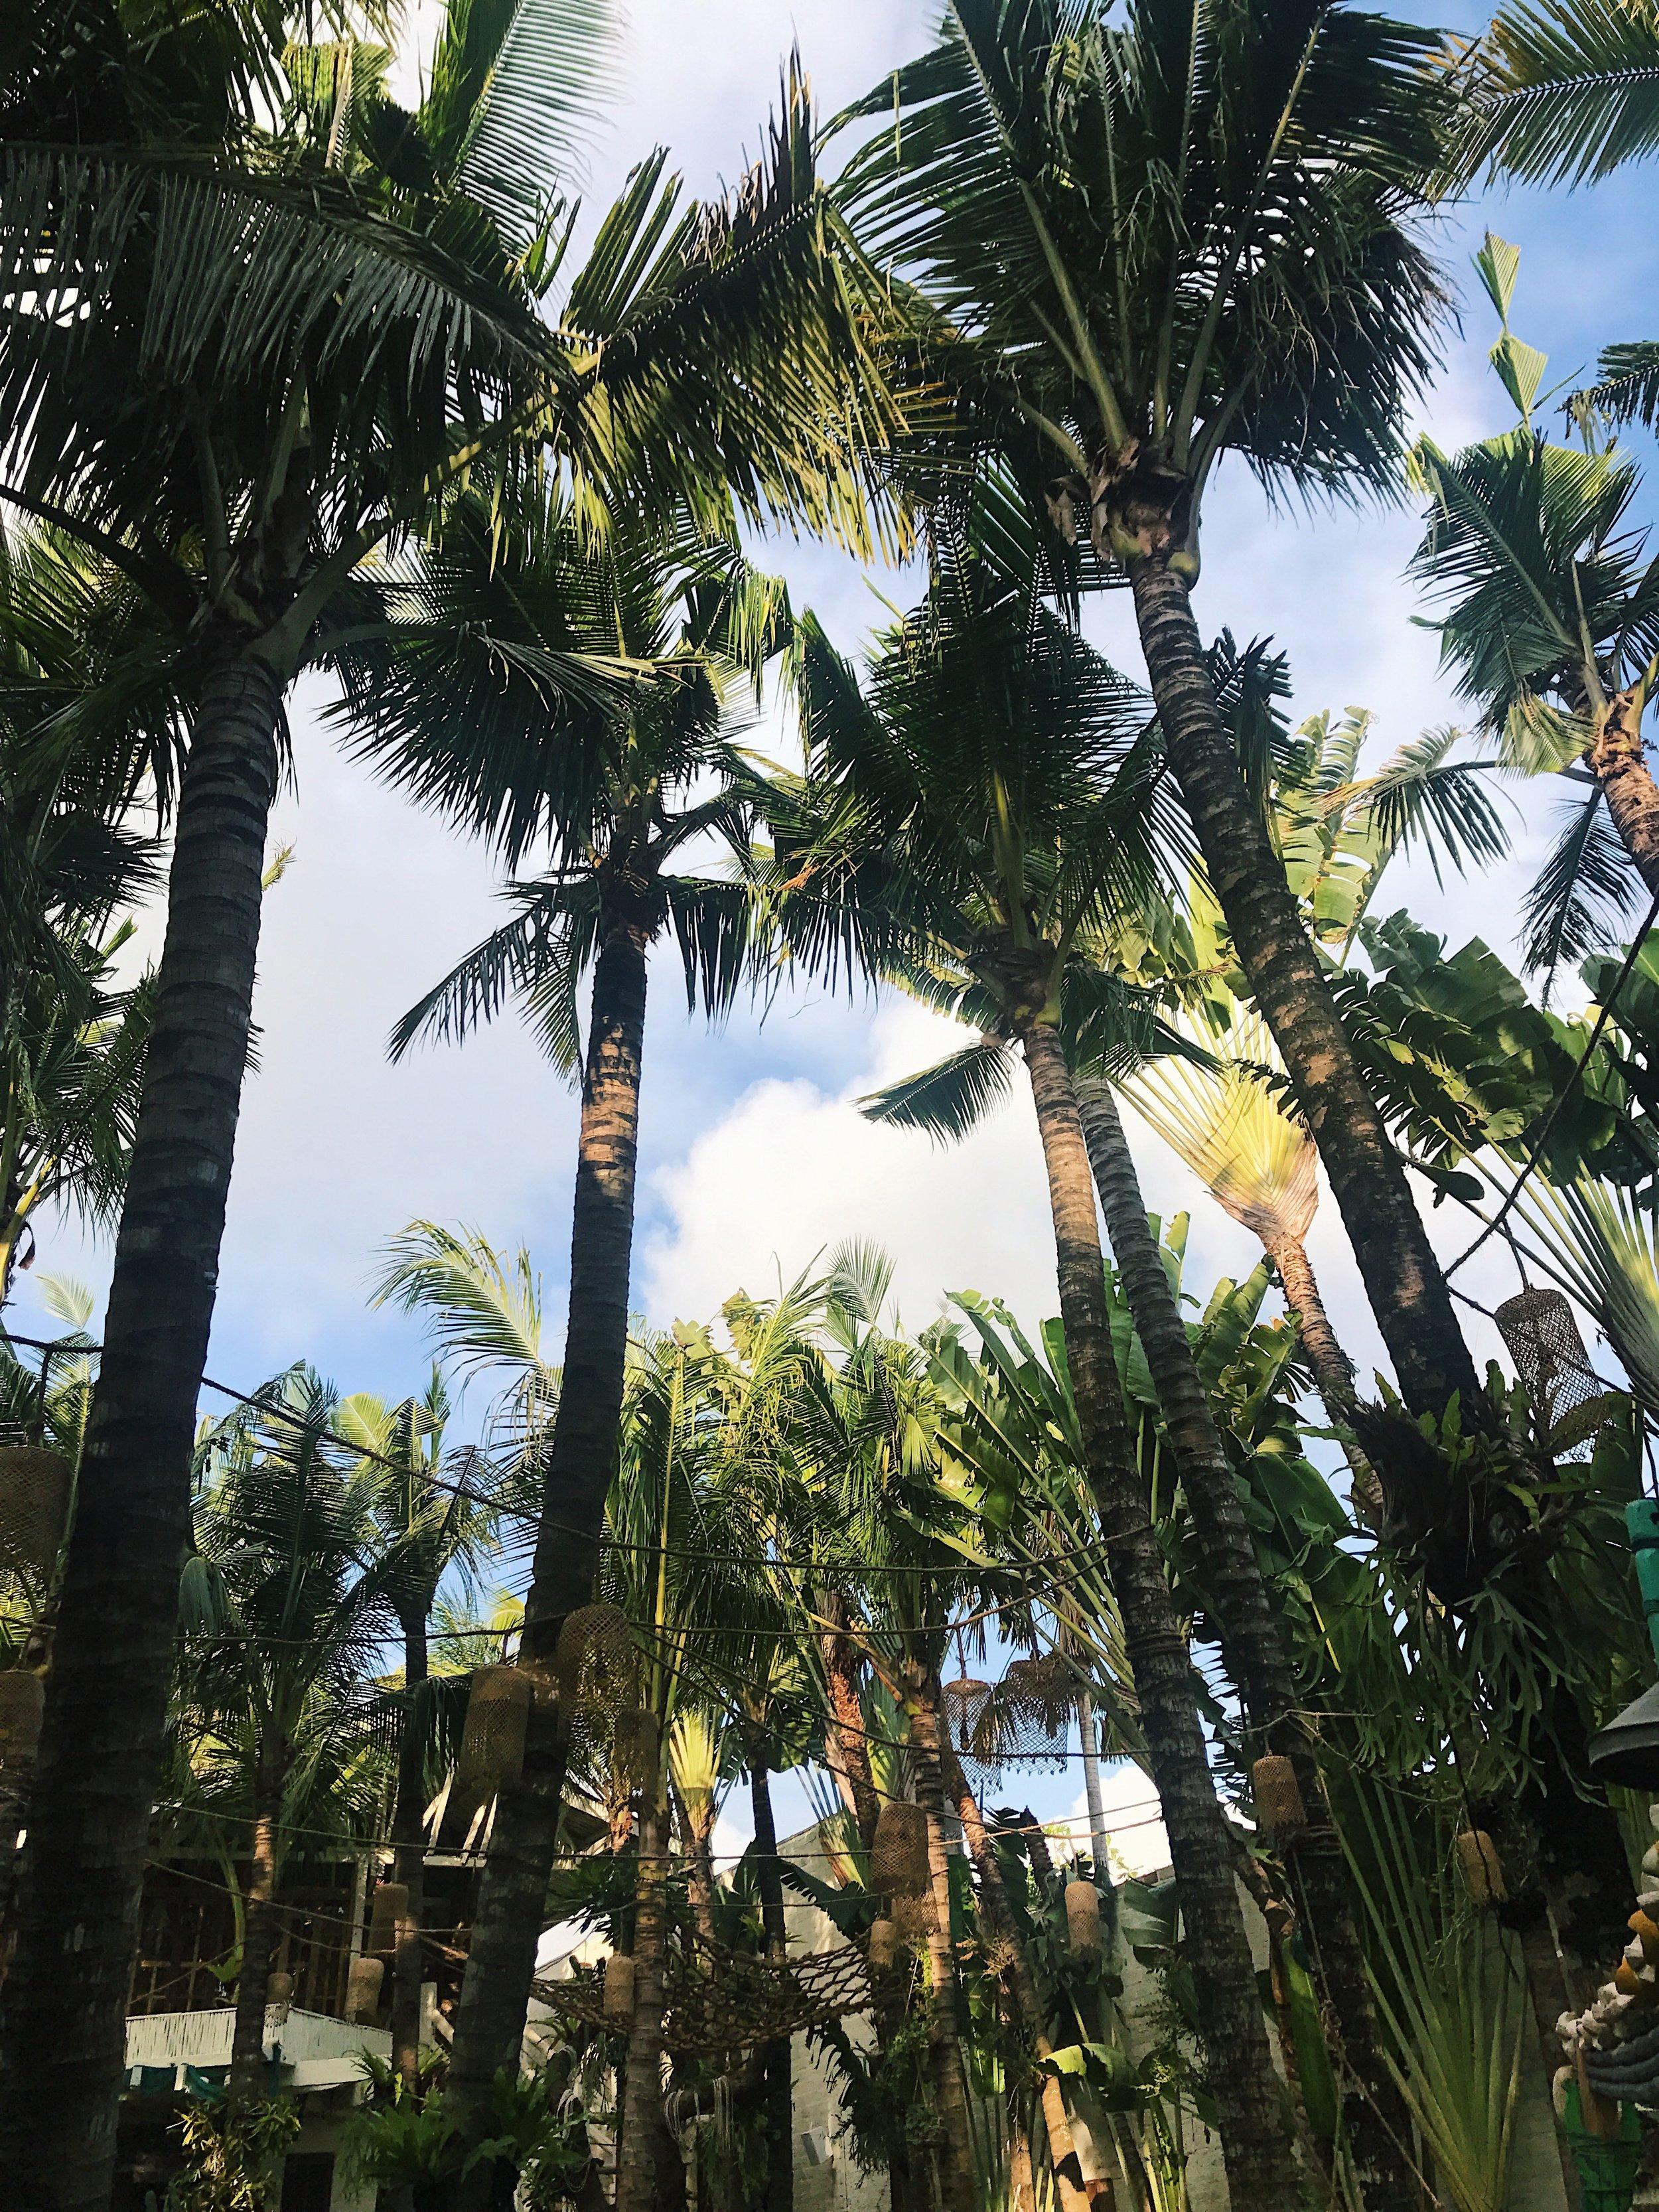 Palm trees at La Brisa Canggu Bali